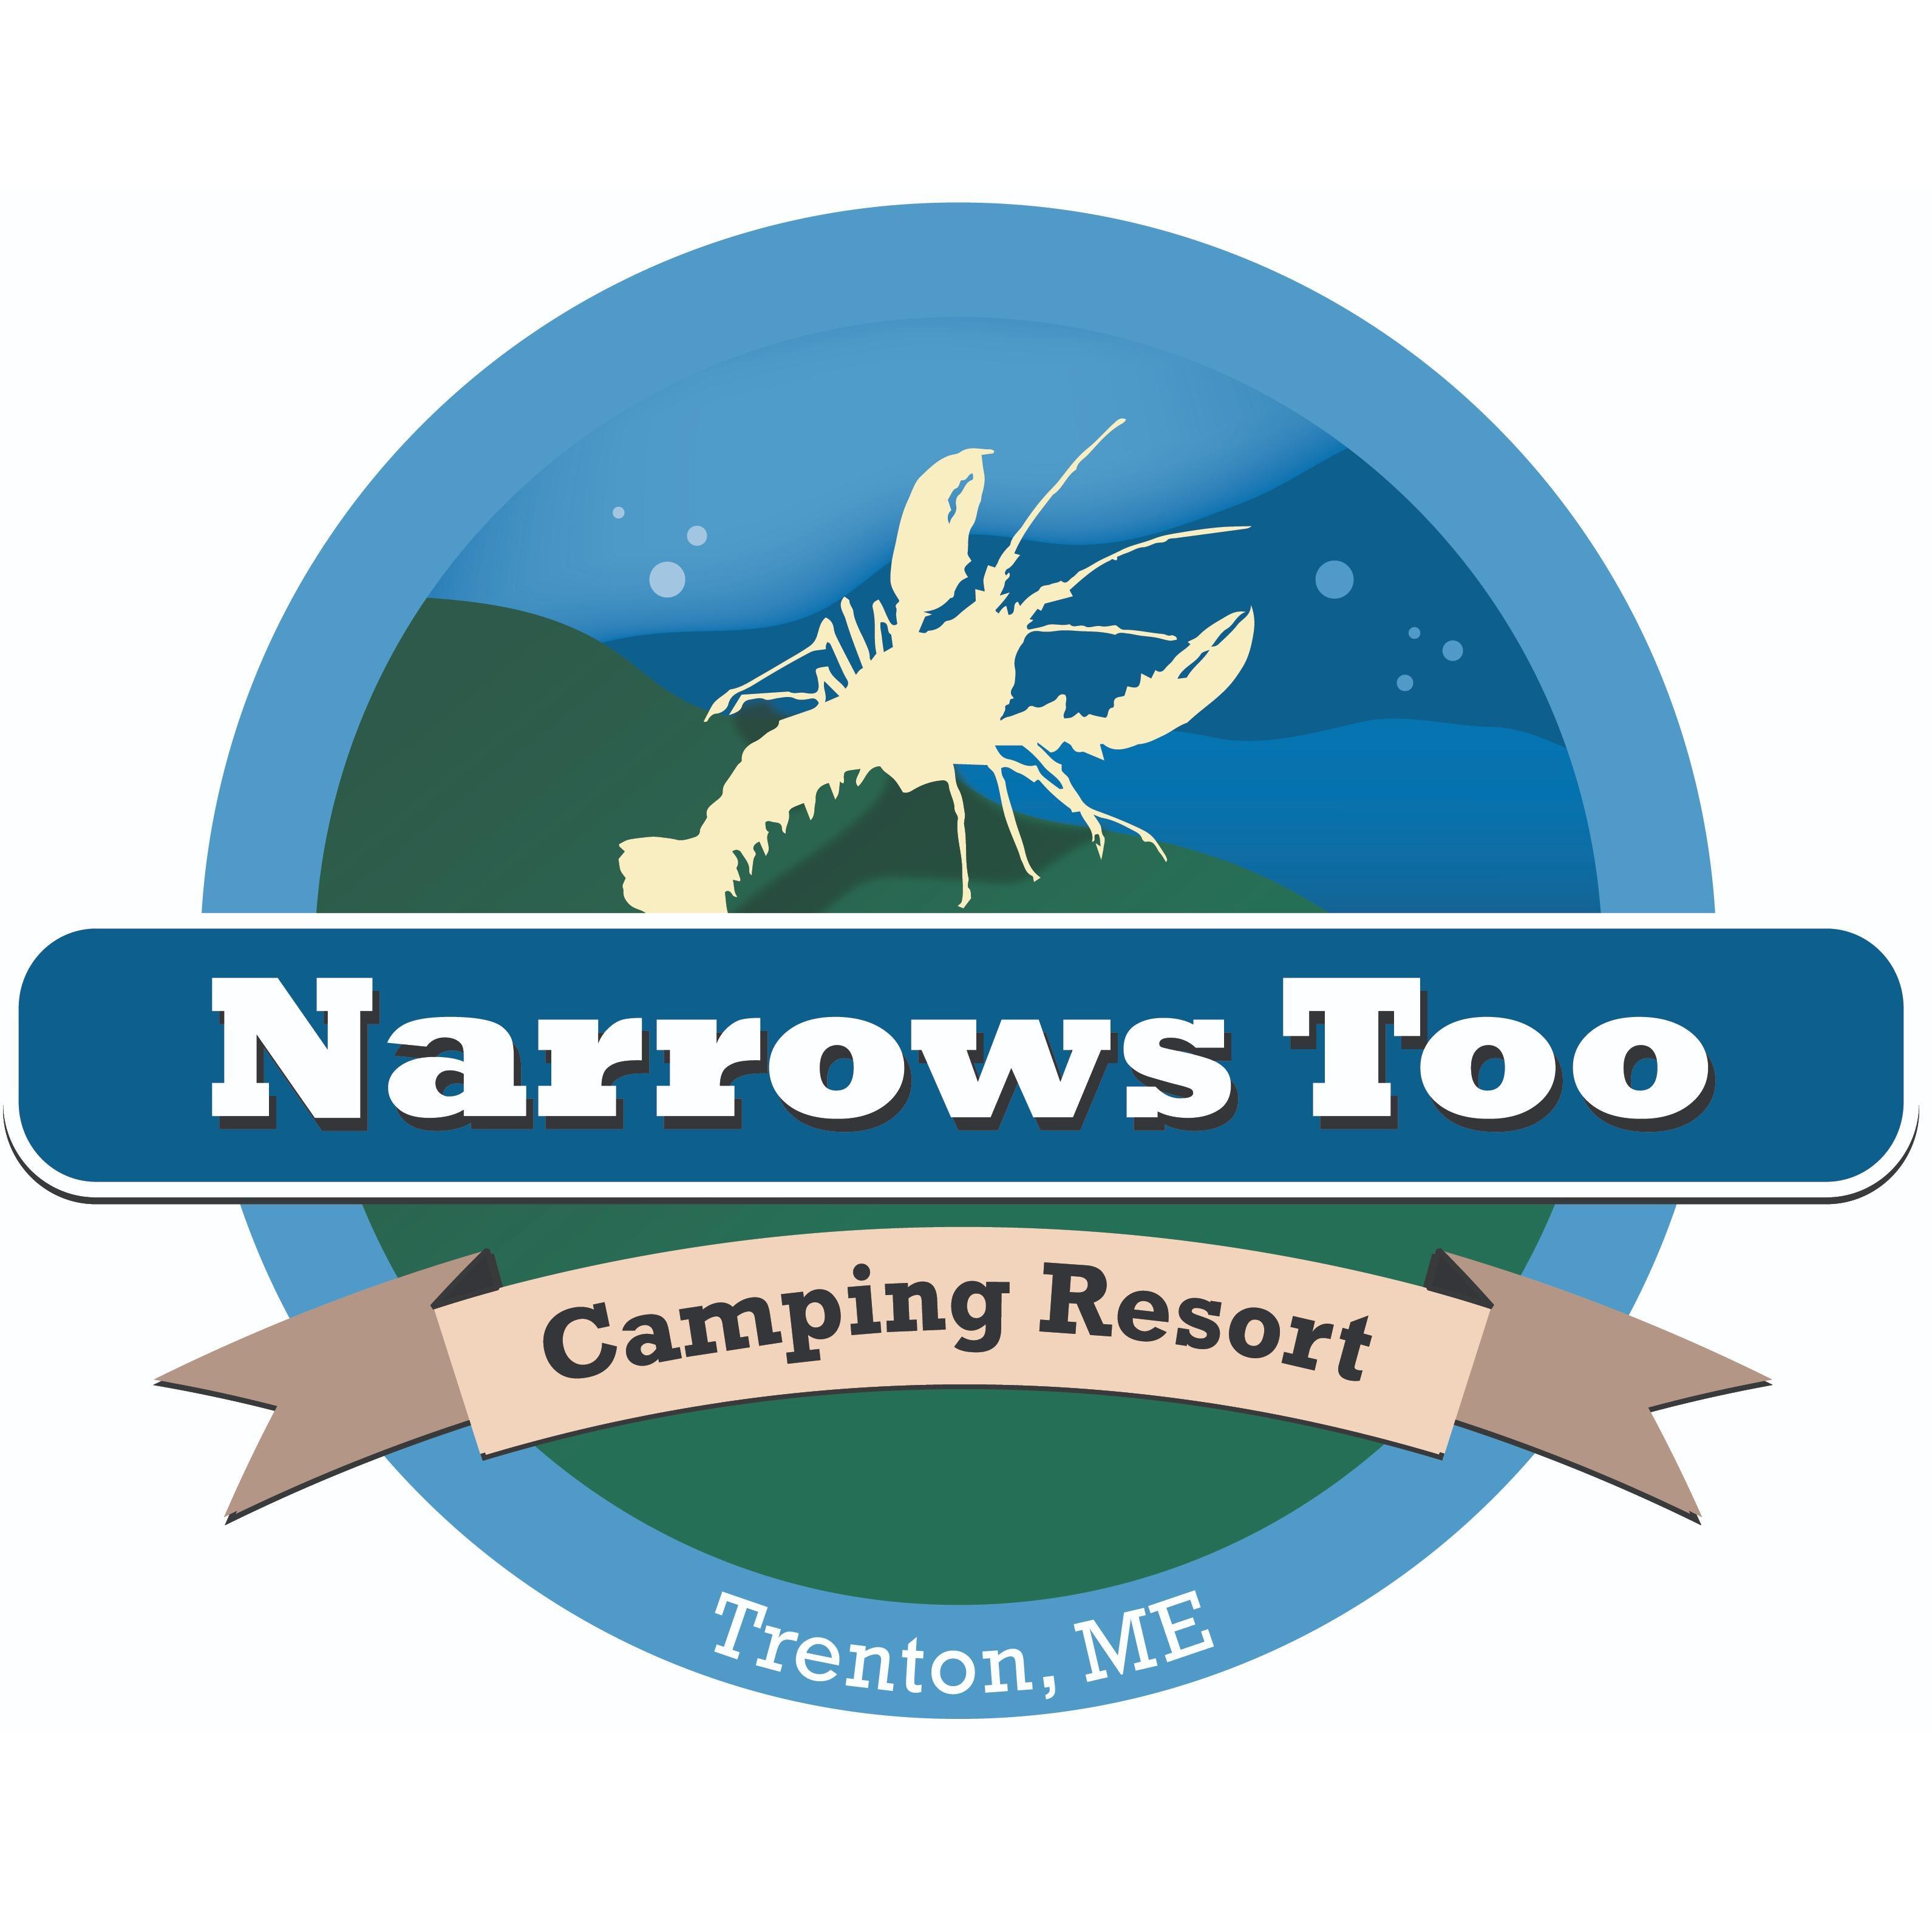 Narrows Too Camping Resort